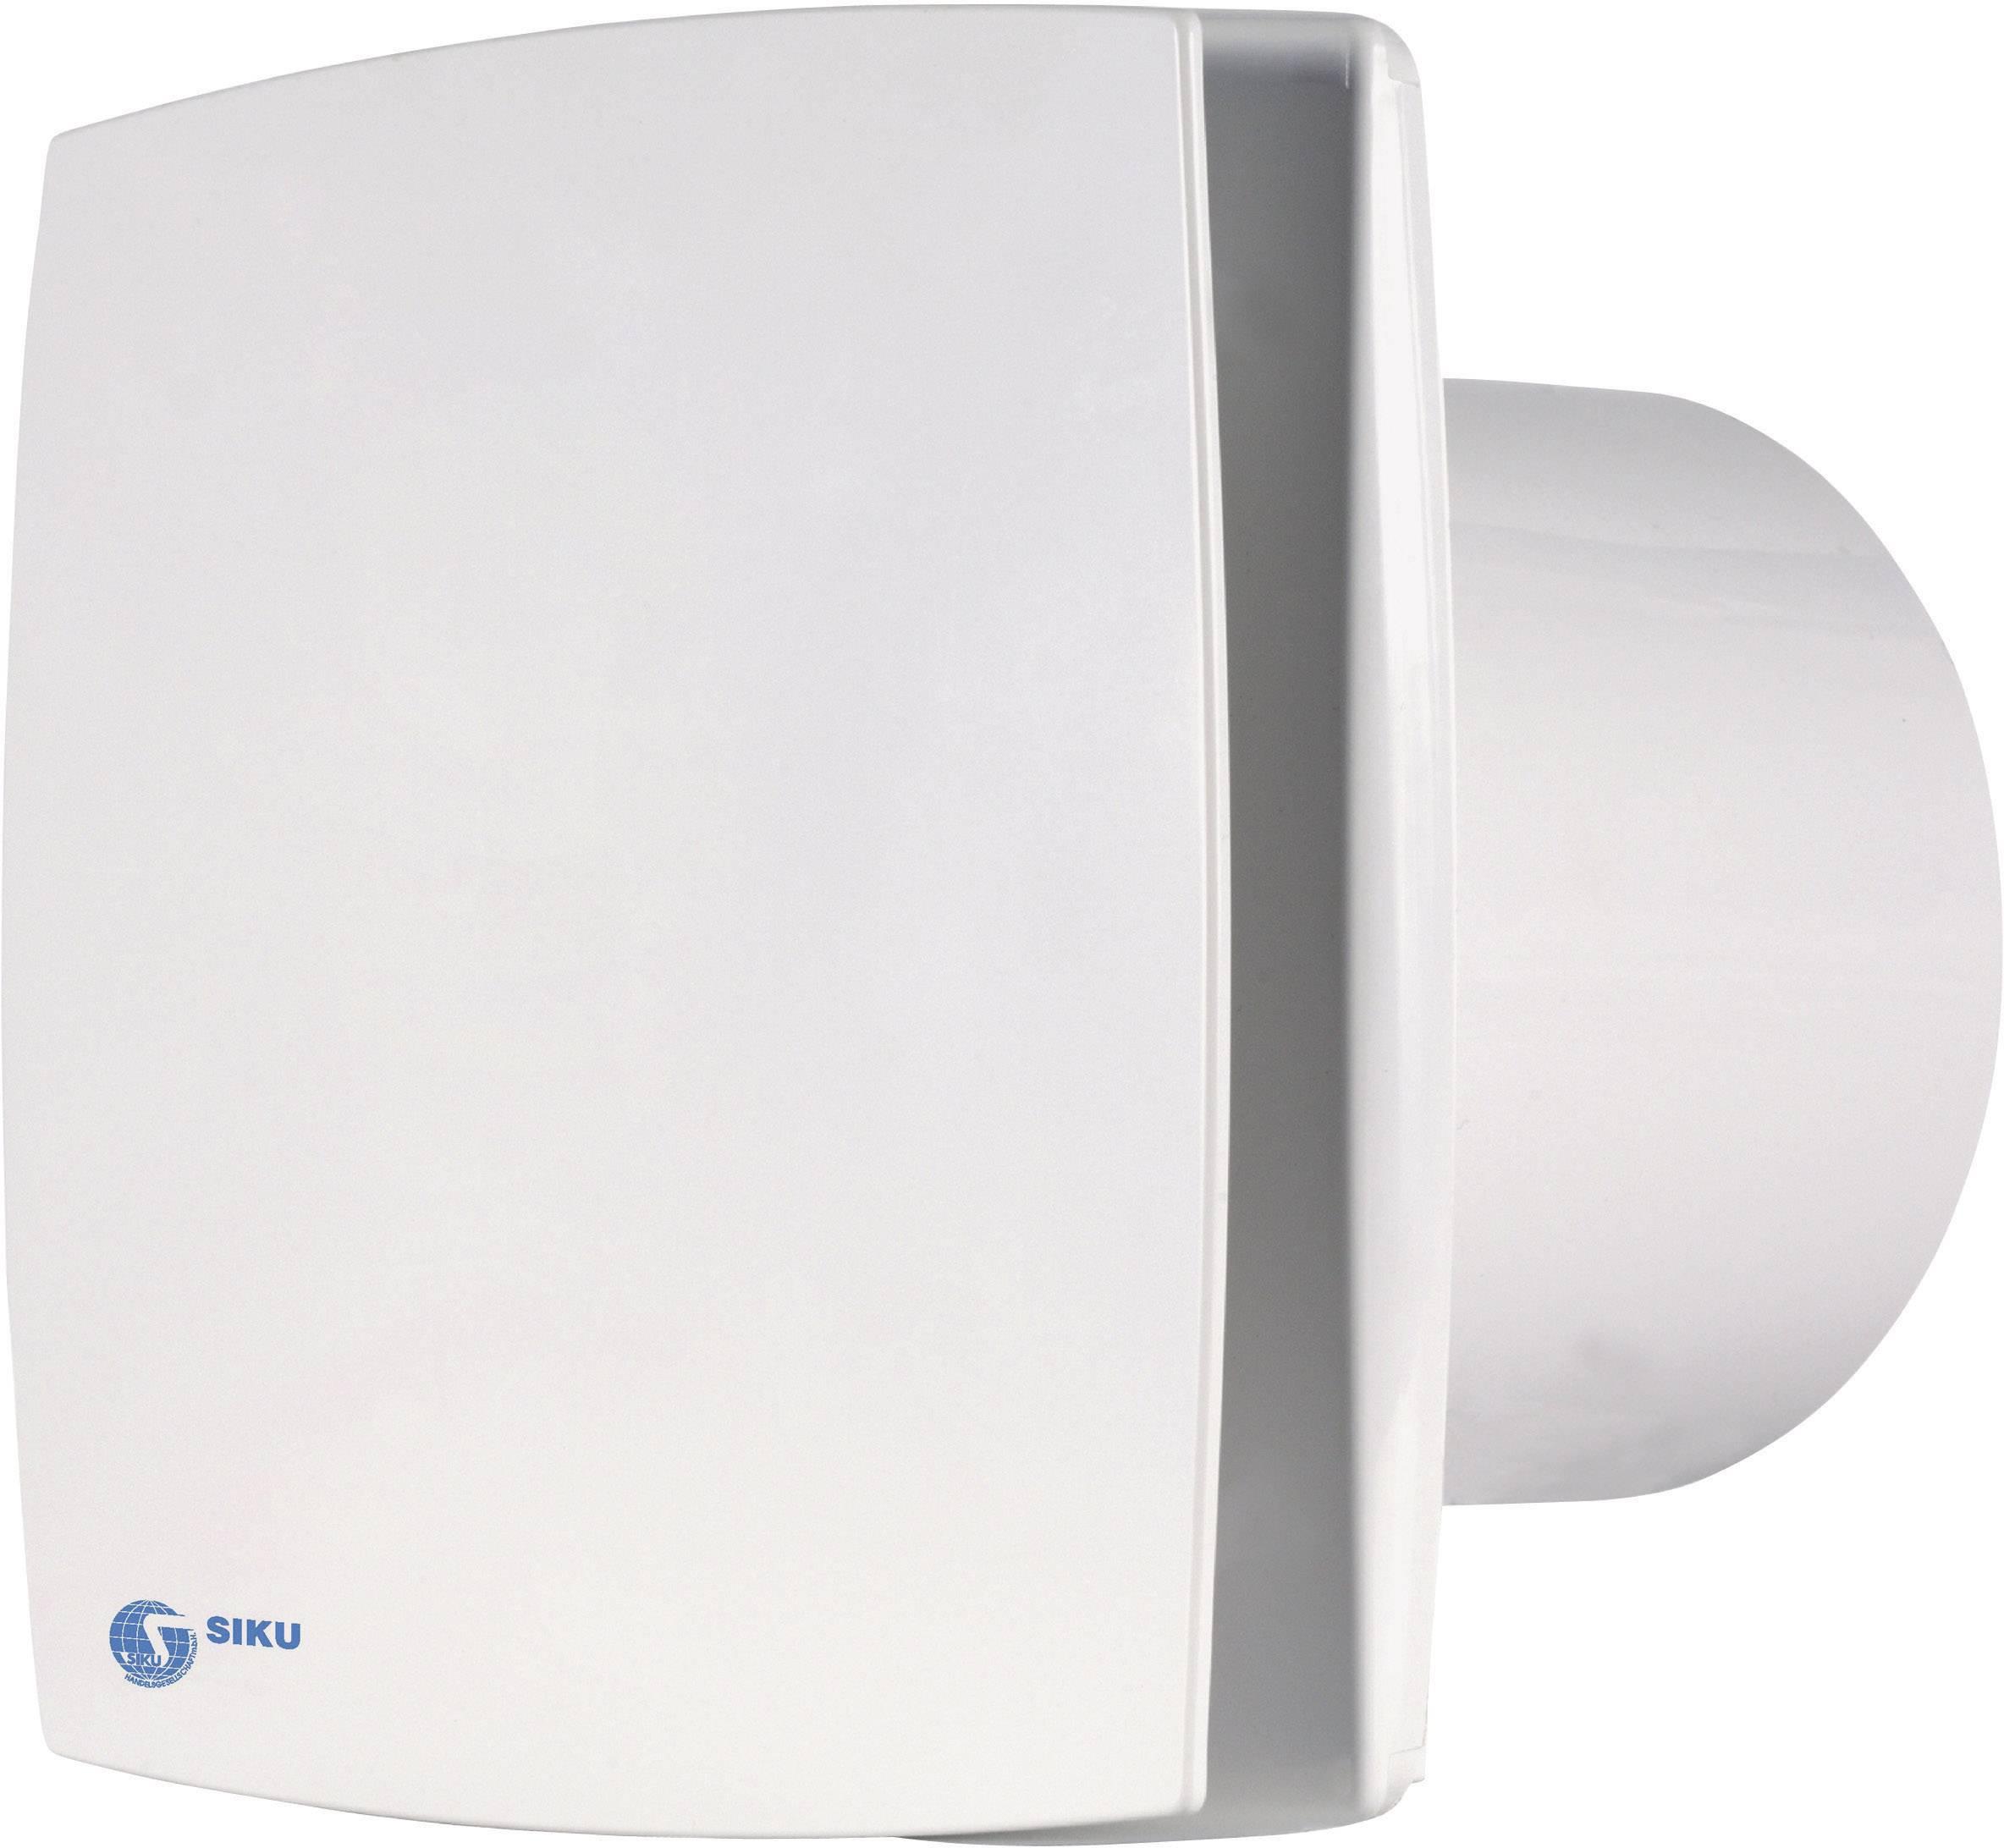 Nástenný a stropný ventilátor SIKU 100 LD, biely